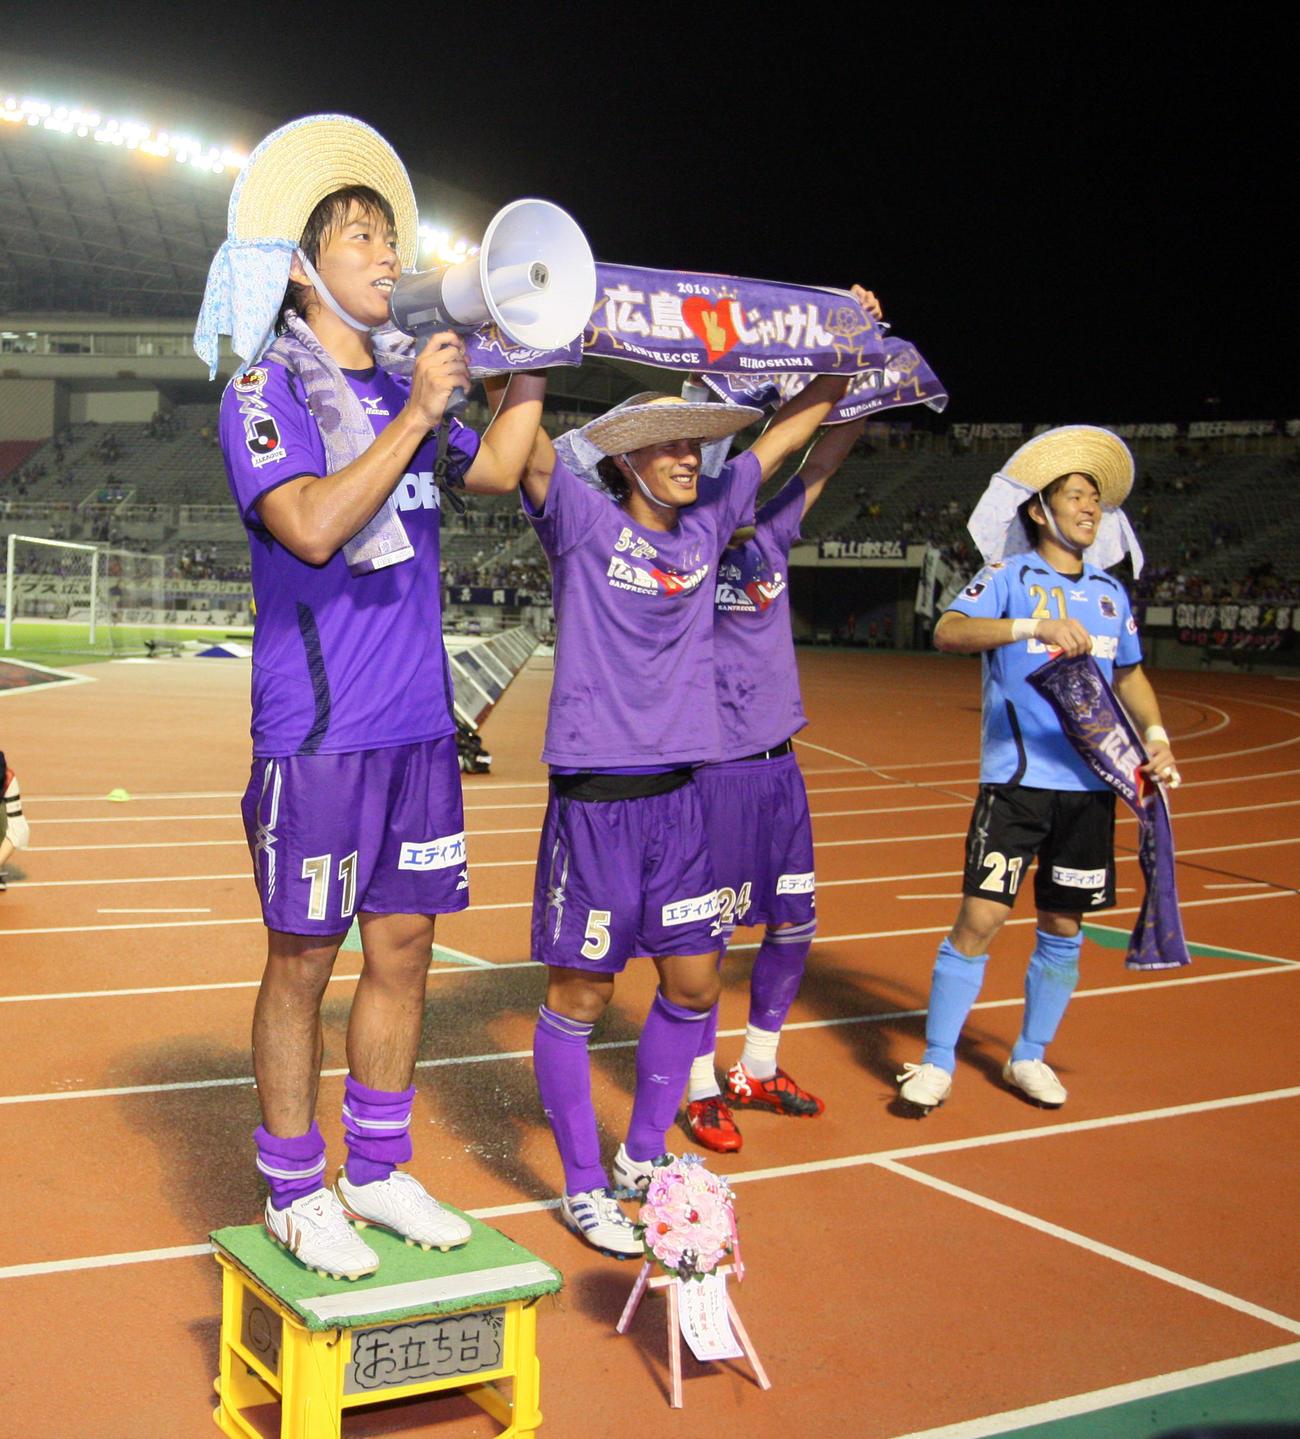 京都戦で勝利を飾りサポーターの前でパフォーマンスする左から佐藤、槙野、森脇、西川(2010年8月1日撮影)